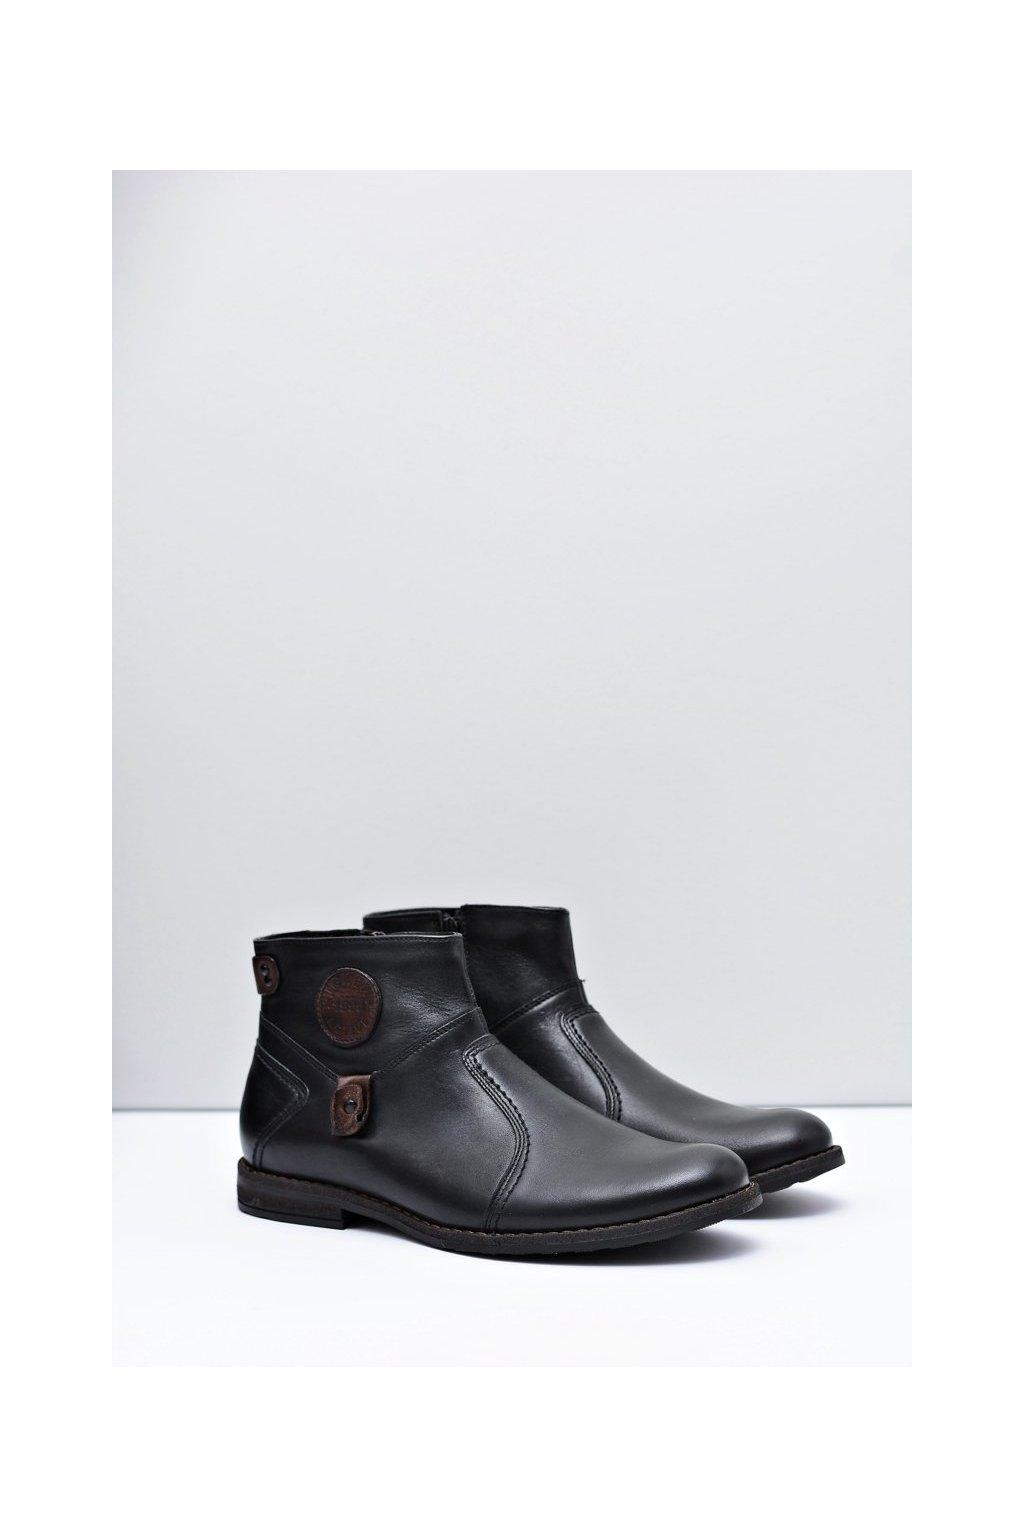 Pánske zateplené topánky na zips Fabrigo